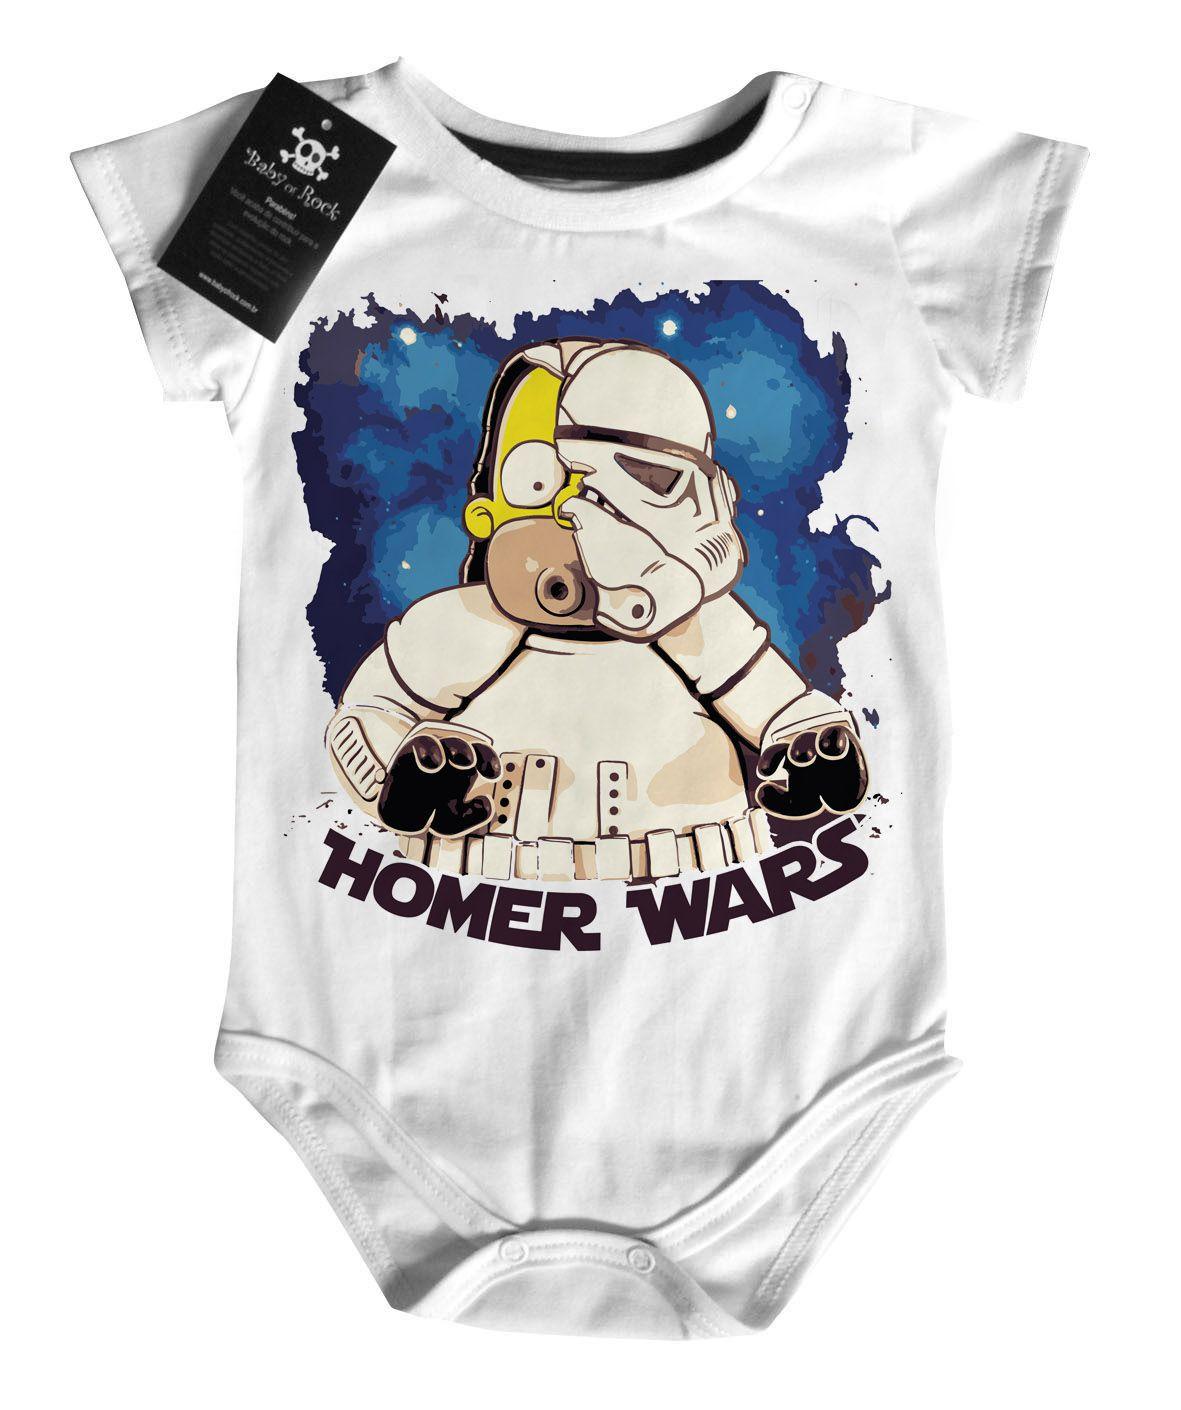 Body Bebe Filmes Homer Star Wars - White - Nerd/Geek  - Baby Monster - Body Bebe